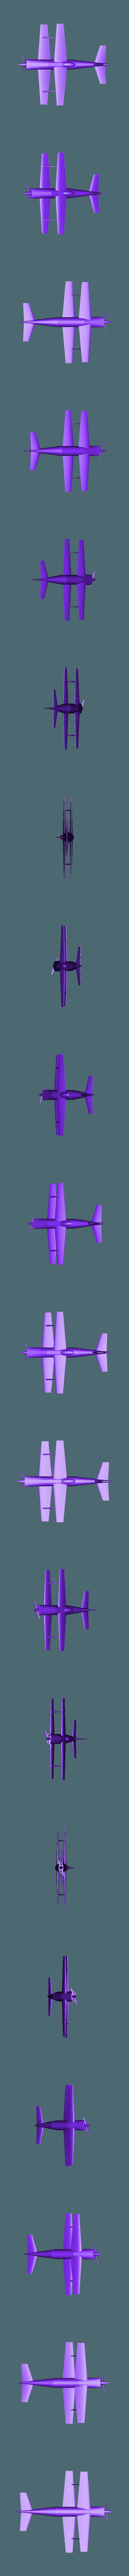 Racing Bi-plane.stl Télécharger fichier STL gratuit Biplans de course • Modèle à imprimer en 3D, wahlentom